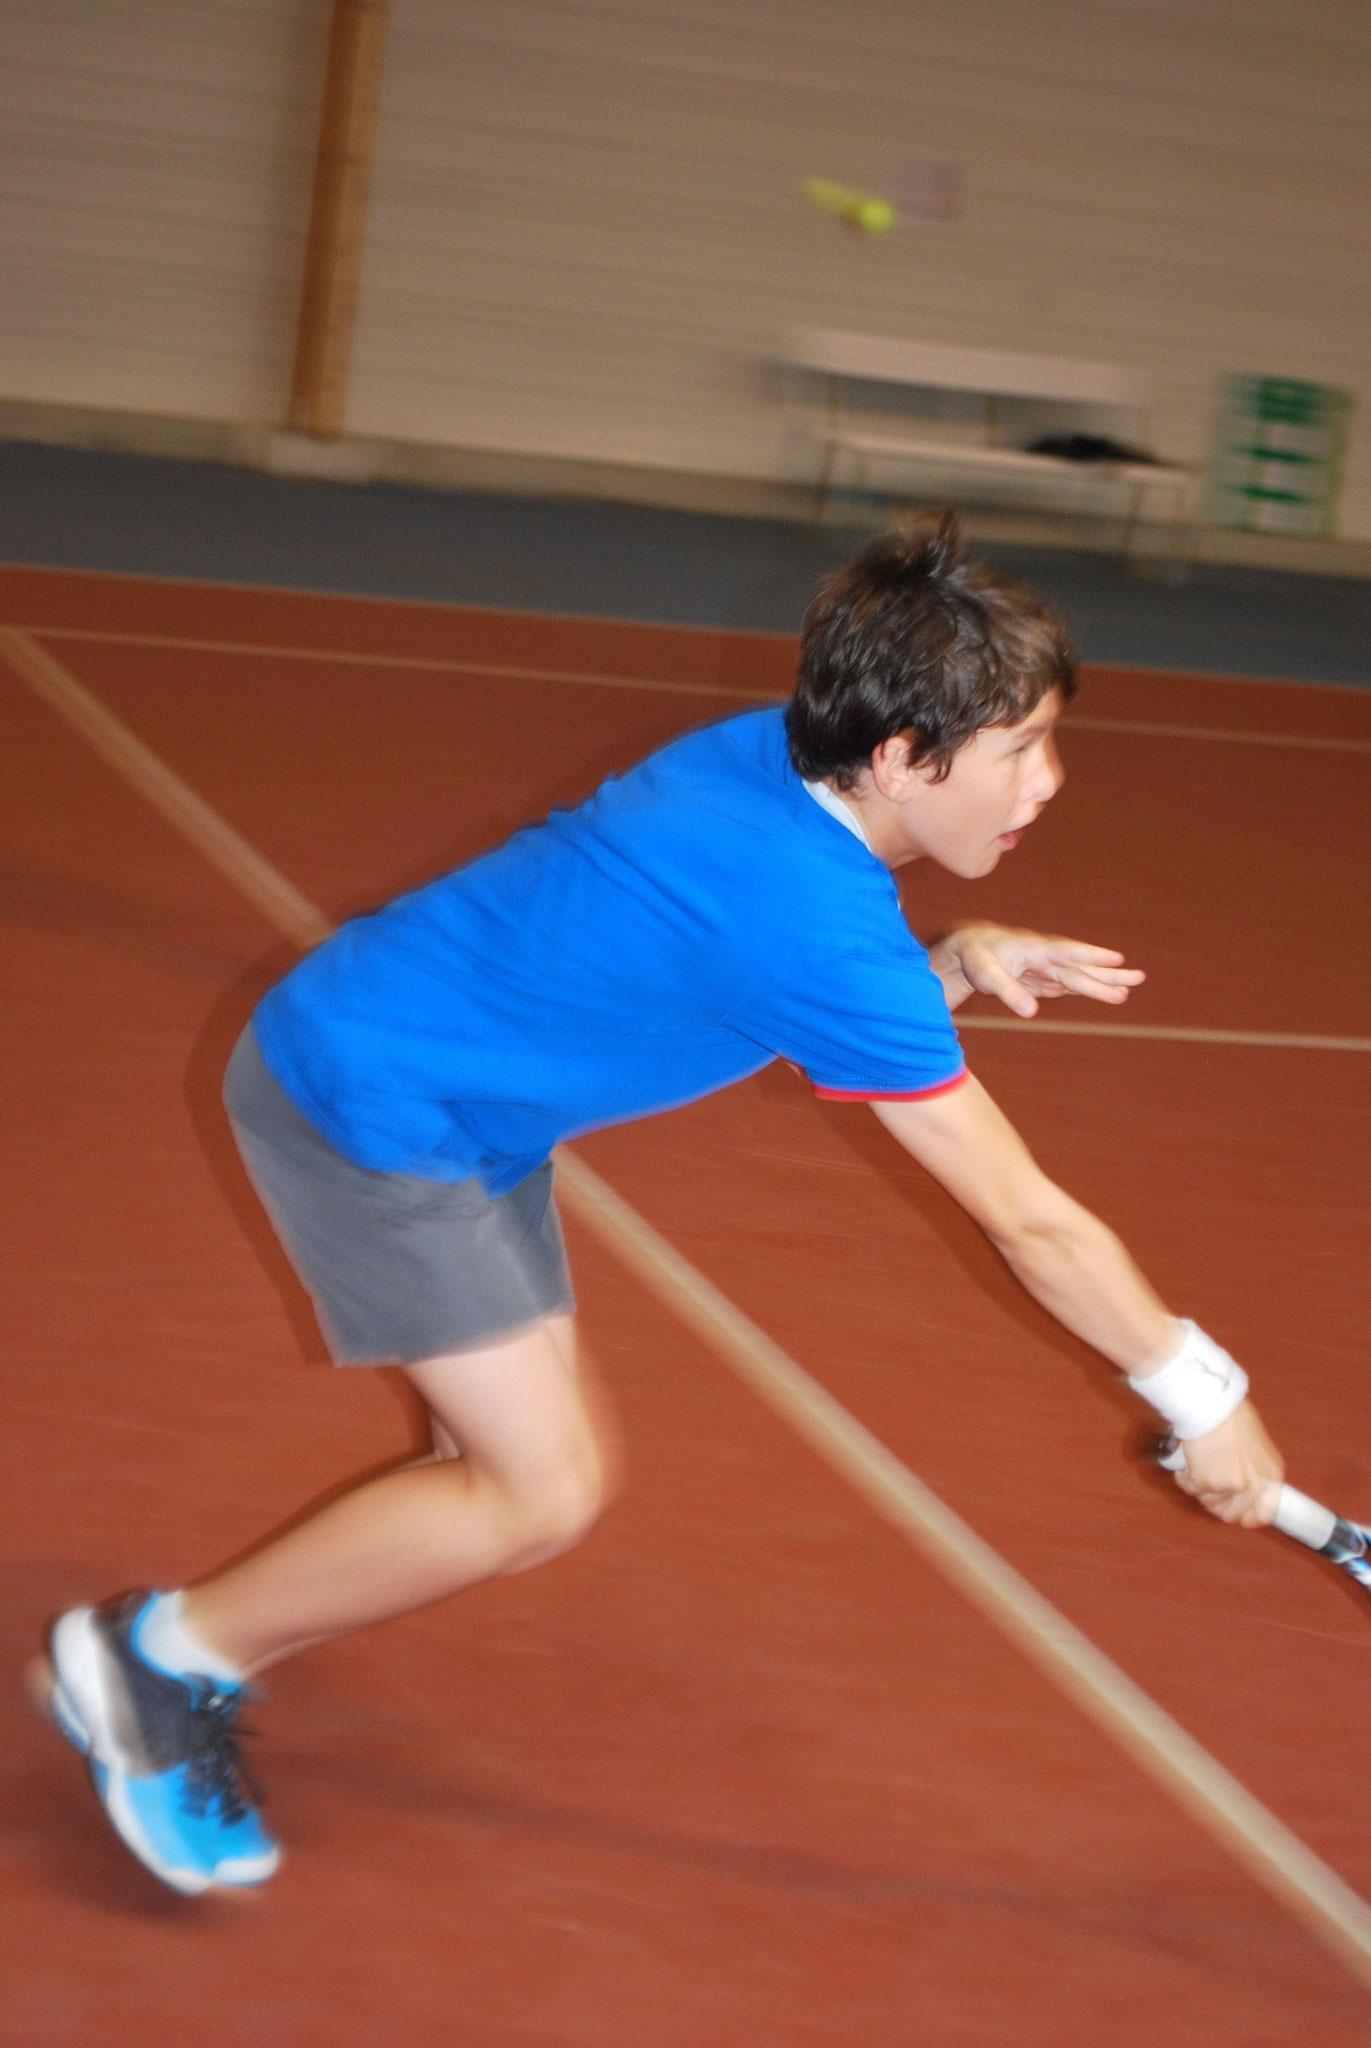 Un champion de l'Aube en pleine action, Benoît!